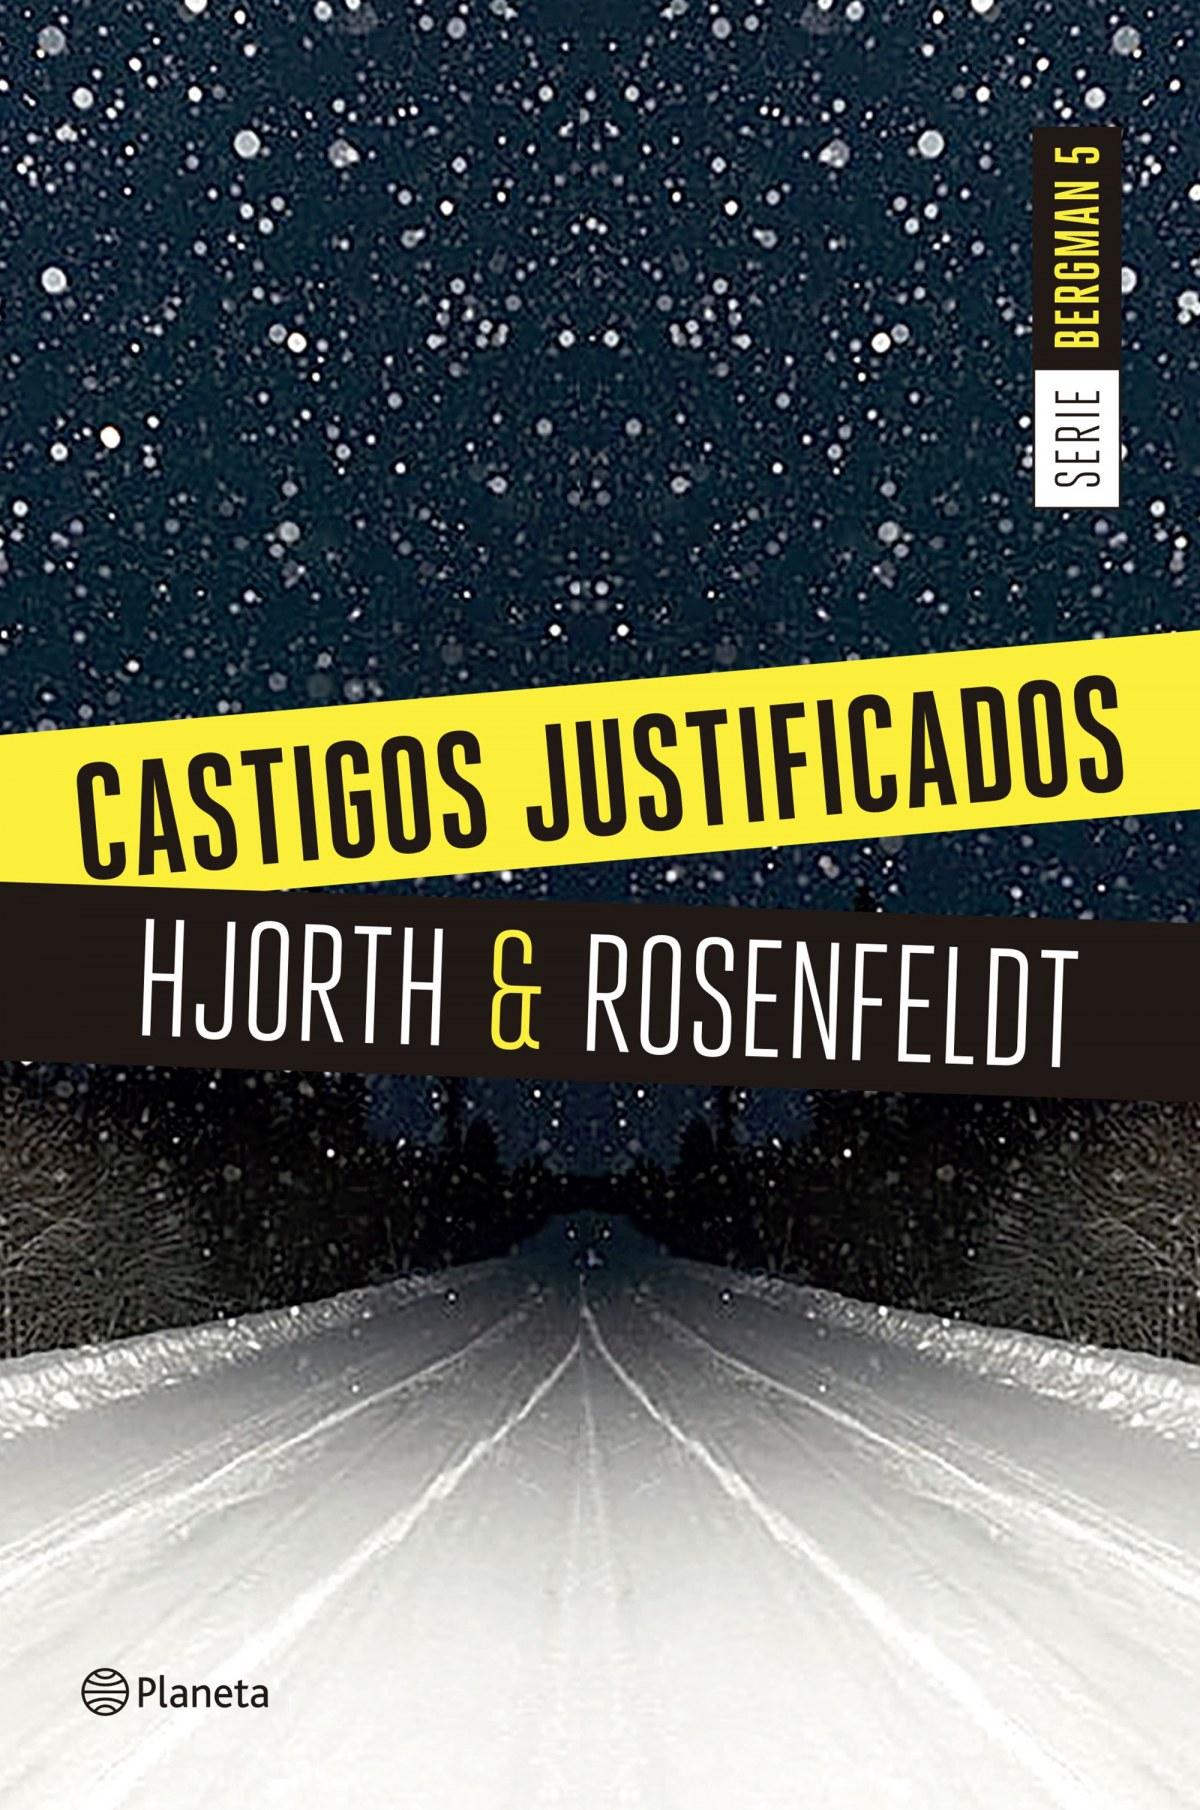 CASTIGOS JUSTIFICADOS 9788408180654